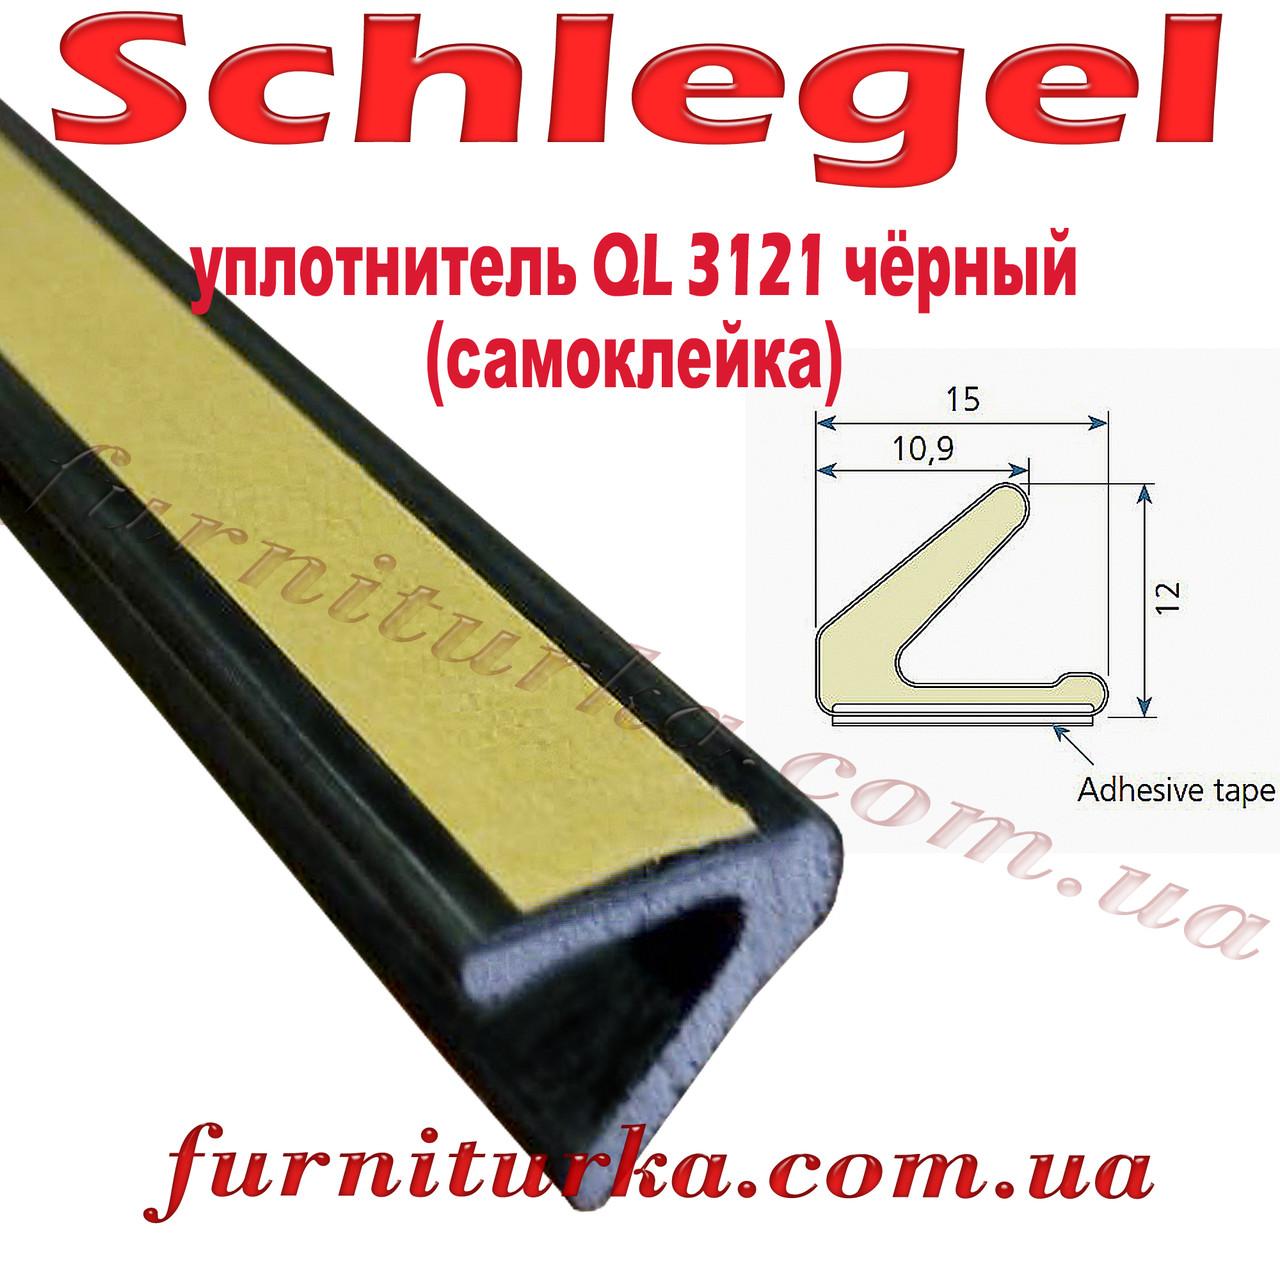 Уплотнитель оконный Schlegel QL 3121 чёрный (самоклейка)